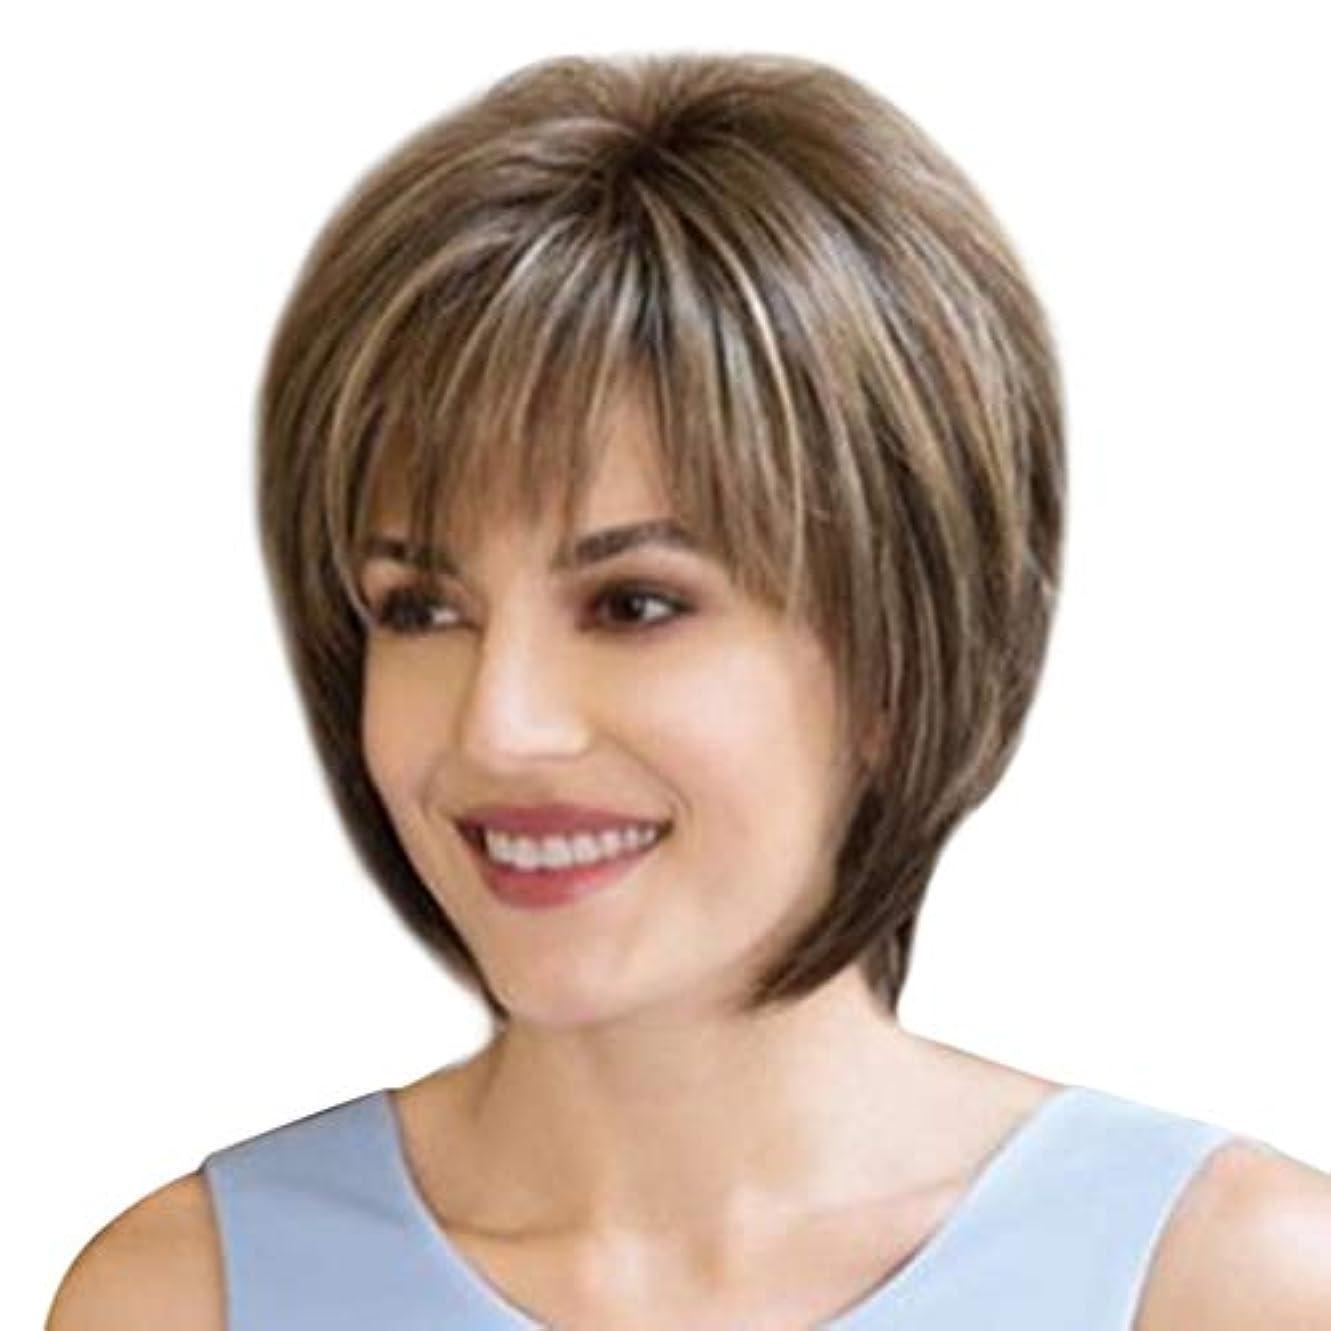 薄汚い直立信じられないCinhent 8インチファッション合成ストレートショートレディースウィッグふわふわ染色天然のリアルな髪の毛のかつら女性のファイバー